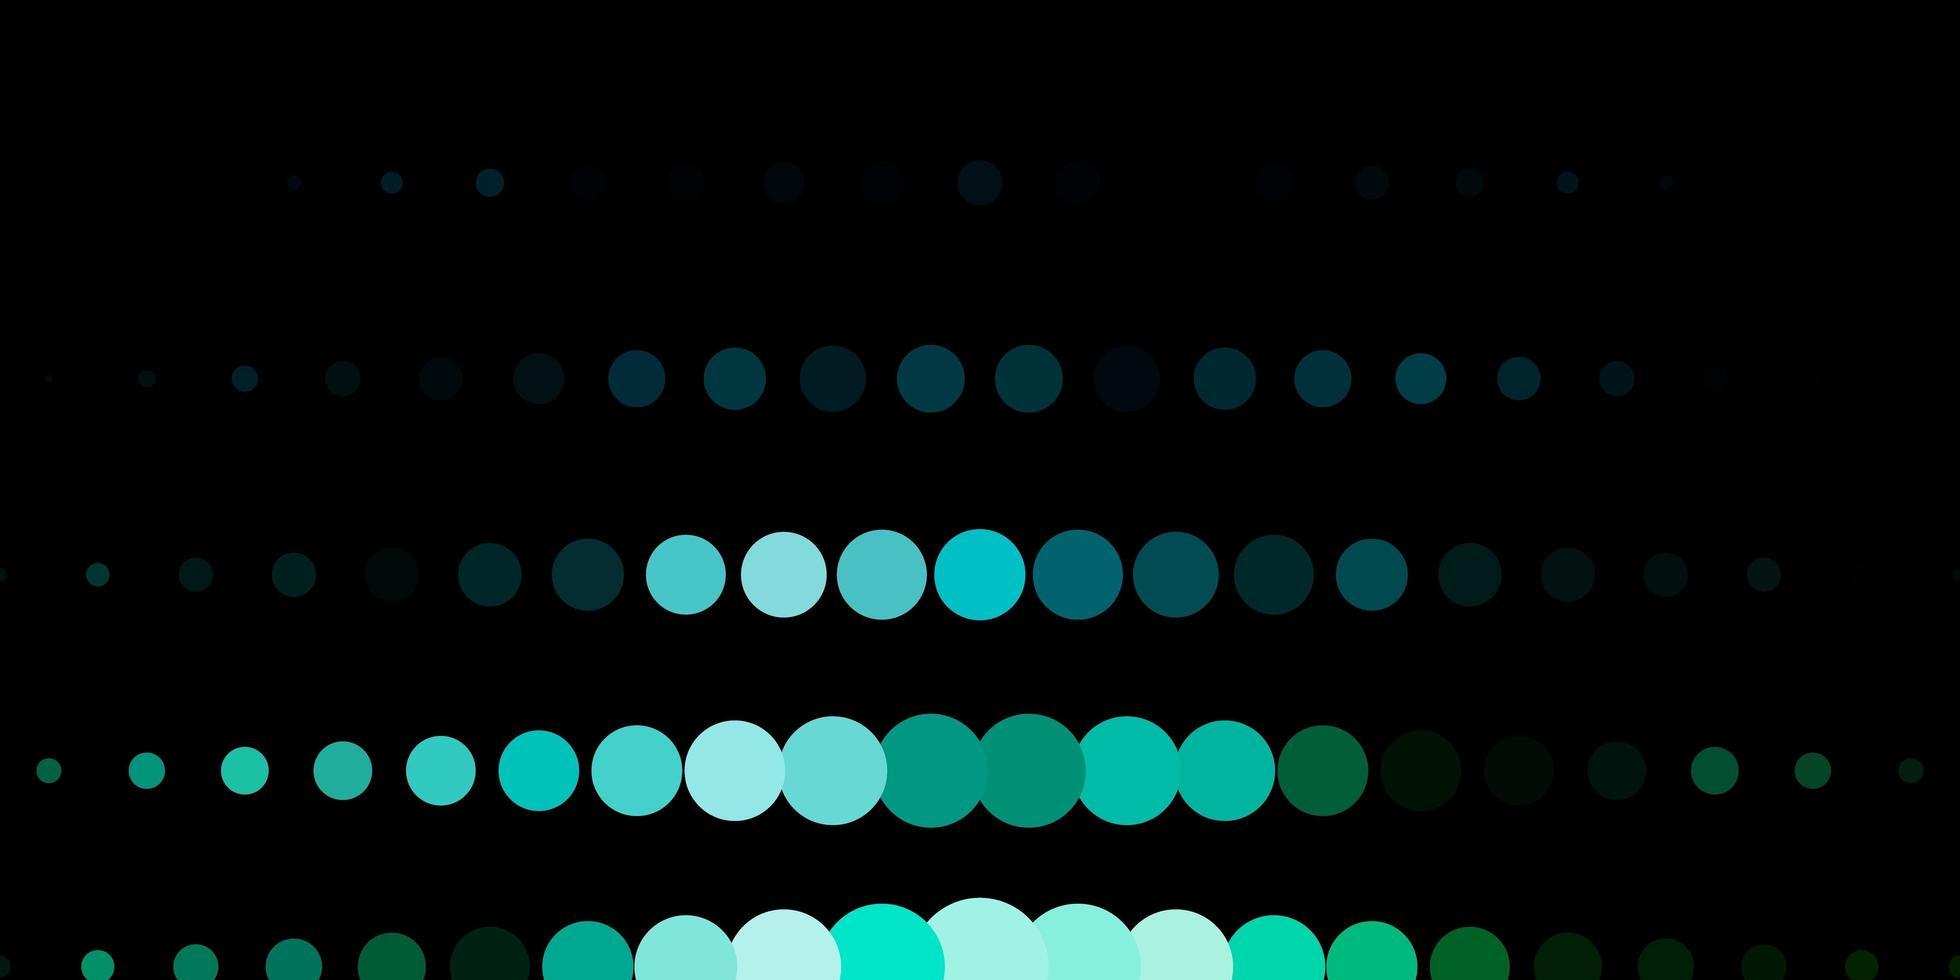 donkerblauwe, groene vectorachtergrond met stippen. vector